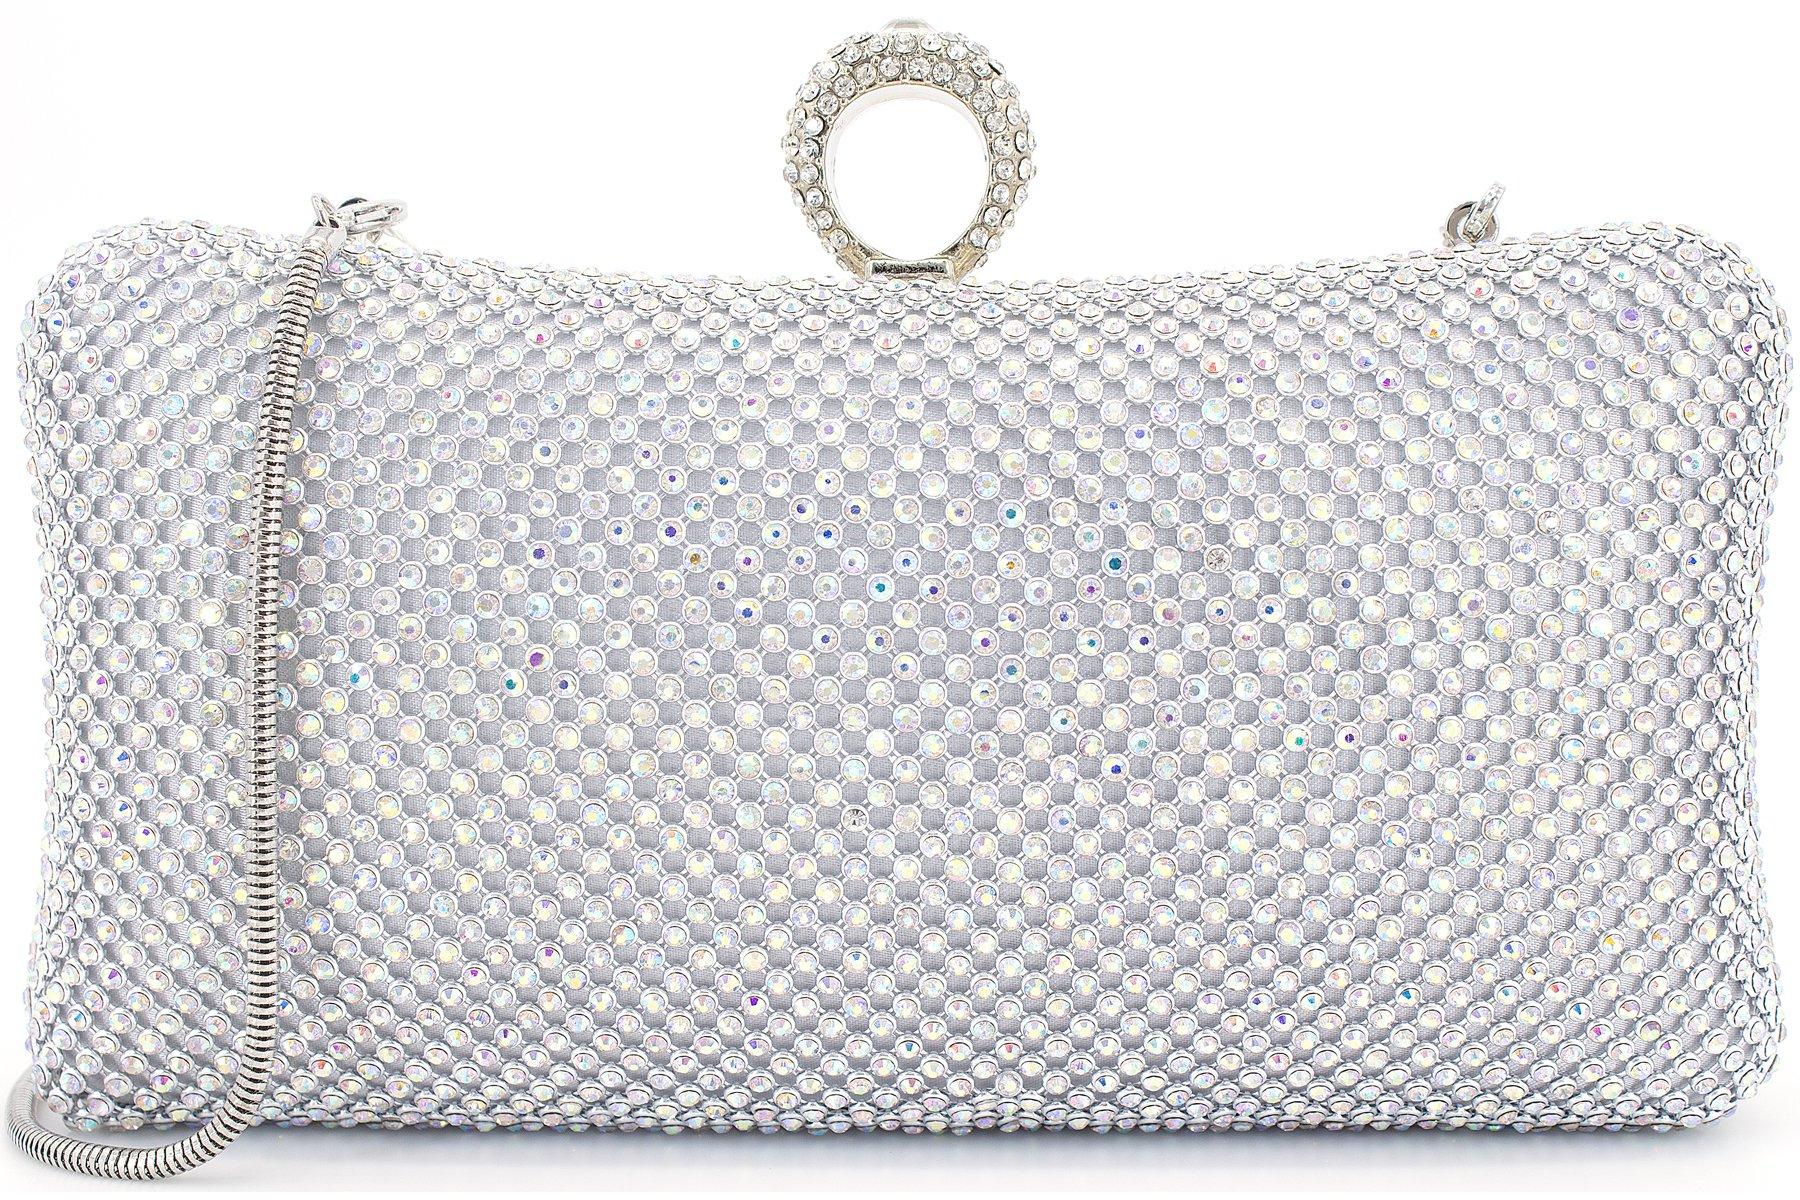 Dexmay Ring Rhinestone Crystal Clutch Purse for Bridal Wedding Party Luxury Women Evening Bag AB Silver